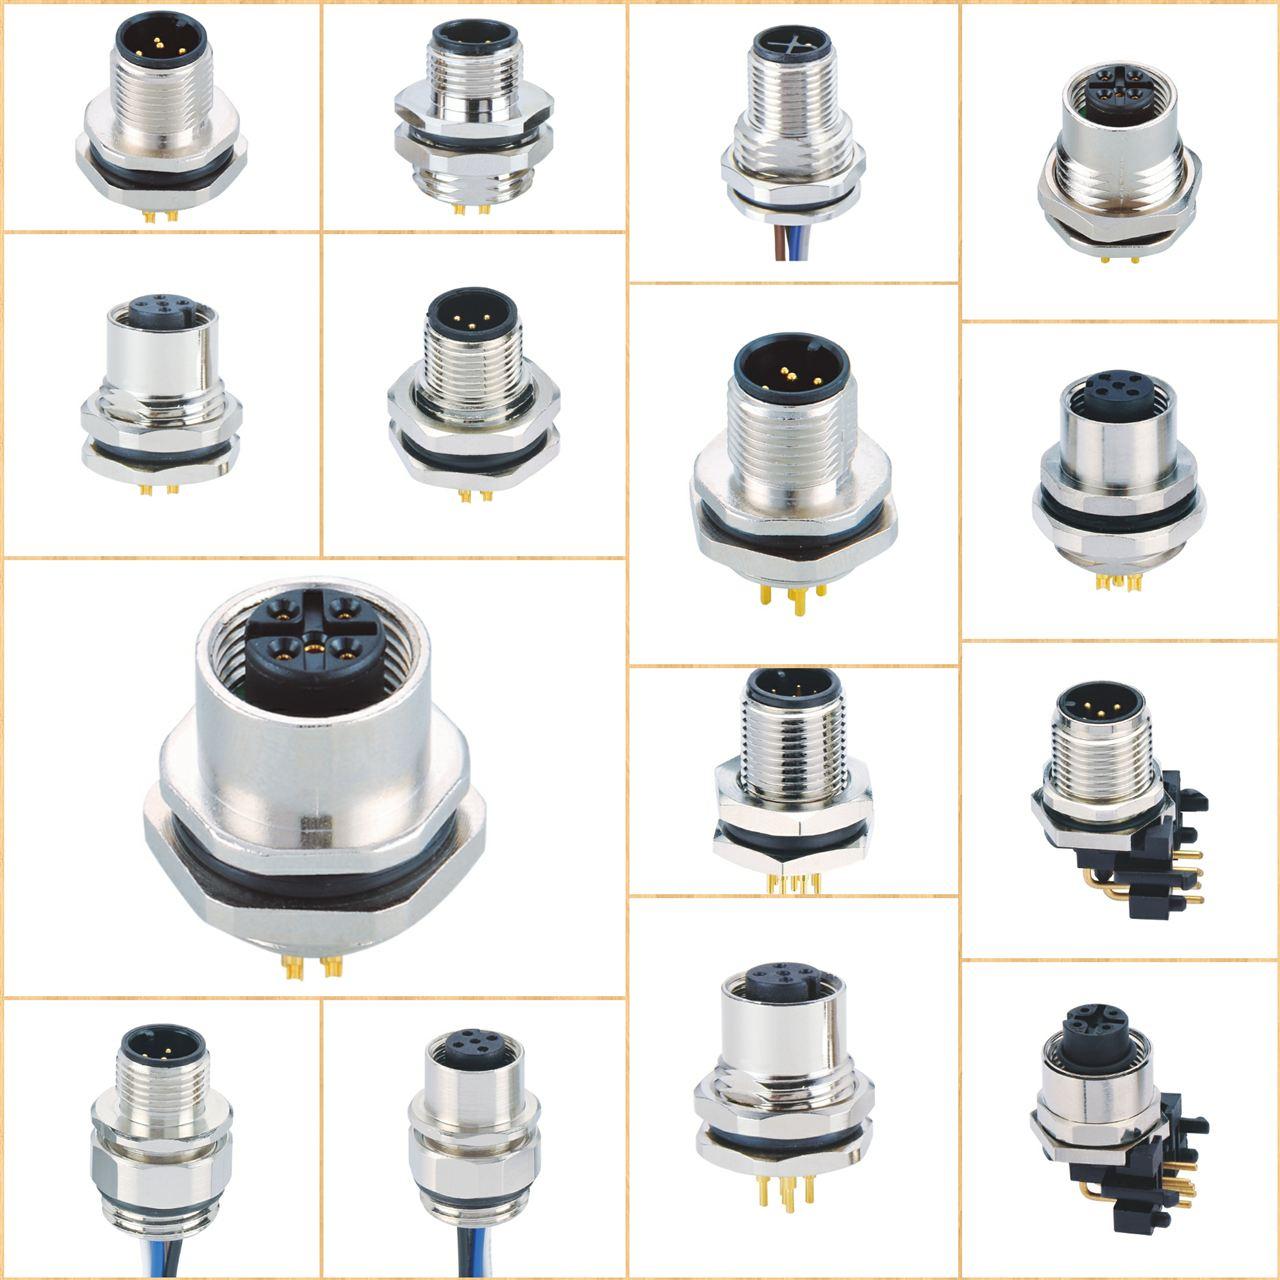 用于控制自动化的 M8和M12 Connectors 上海科迎法现在提供多种高质量,价格具有竞争力的M8 和M12圆形连接器和组件。连接器和组件有公头或母头连接器类型,以及90° 角度或180°直线版本。M8连接器和组件有3芯和4芯配置,而M12连接器和组件有4芯,5芯或8芯配置(也可提供PNP和NPN版本)。带LED的透明外壳版本也可用于M8和M12两种款式。电缆选项包括PVC或PUR,屏蔽或规范作为直线或螺旋配置。连接器的额定值为IP 65,而组件的防护等级为IP 67。六种连接器类型,带或不带LED和浪涌抑制。所有连接器均采用坚固耐用,抗冲击的塑料外壳,模制组件具有出色的电缆应变消除特性,并具有出色的环境和元件保护。预接线单元的电缆长度为½米至10米,可与M-12连接器配合使用。电缆组件版本提供各种不同的电缆材料,可订购多种不同的电线连接器配置。无线连接器带有IP65防护等级,同时模塑组件的防护等级为IP67.